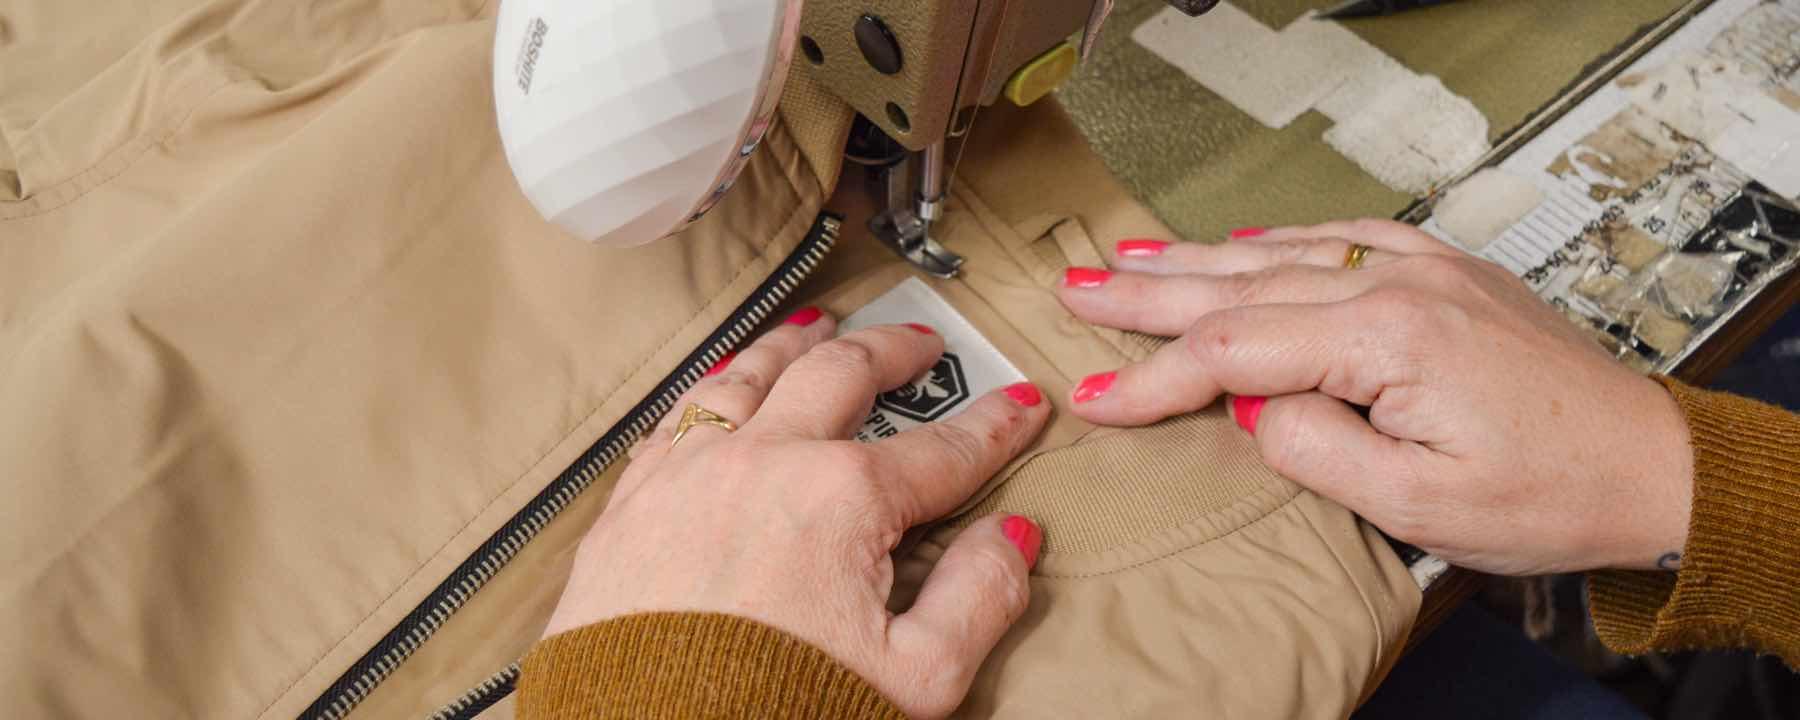 garment reprocessing